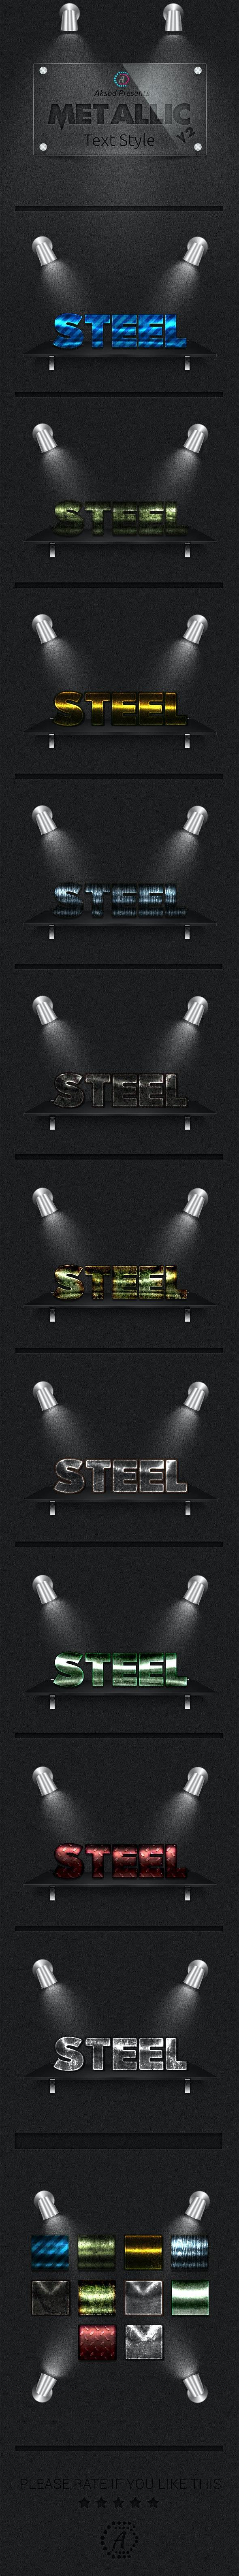 Metallic Text Styles (Vol-1) - Text Effects Styles